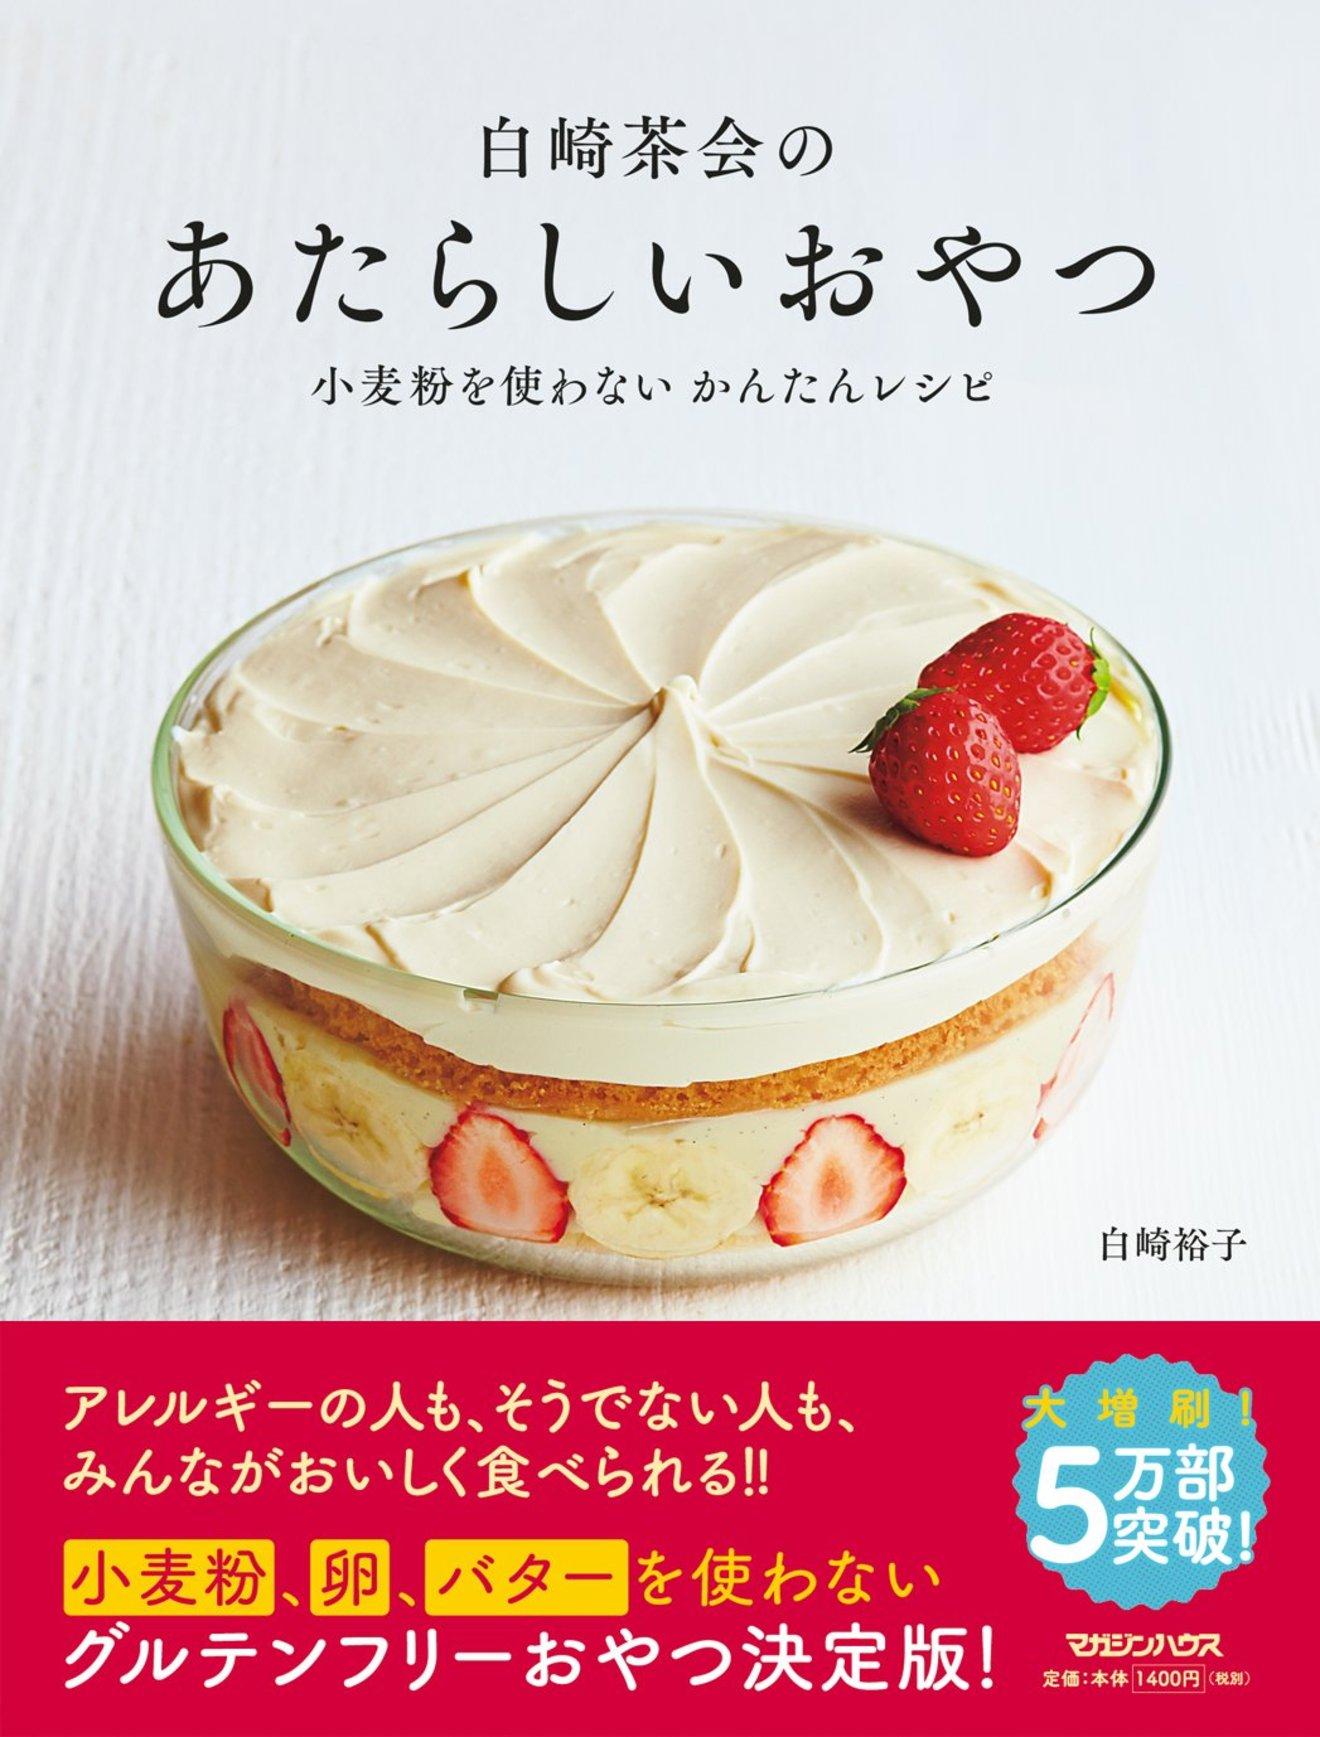 体に優しいお菓子作りのレシピ本おすすめ5冊!目指せグルテンフリー!